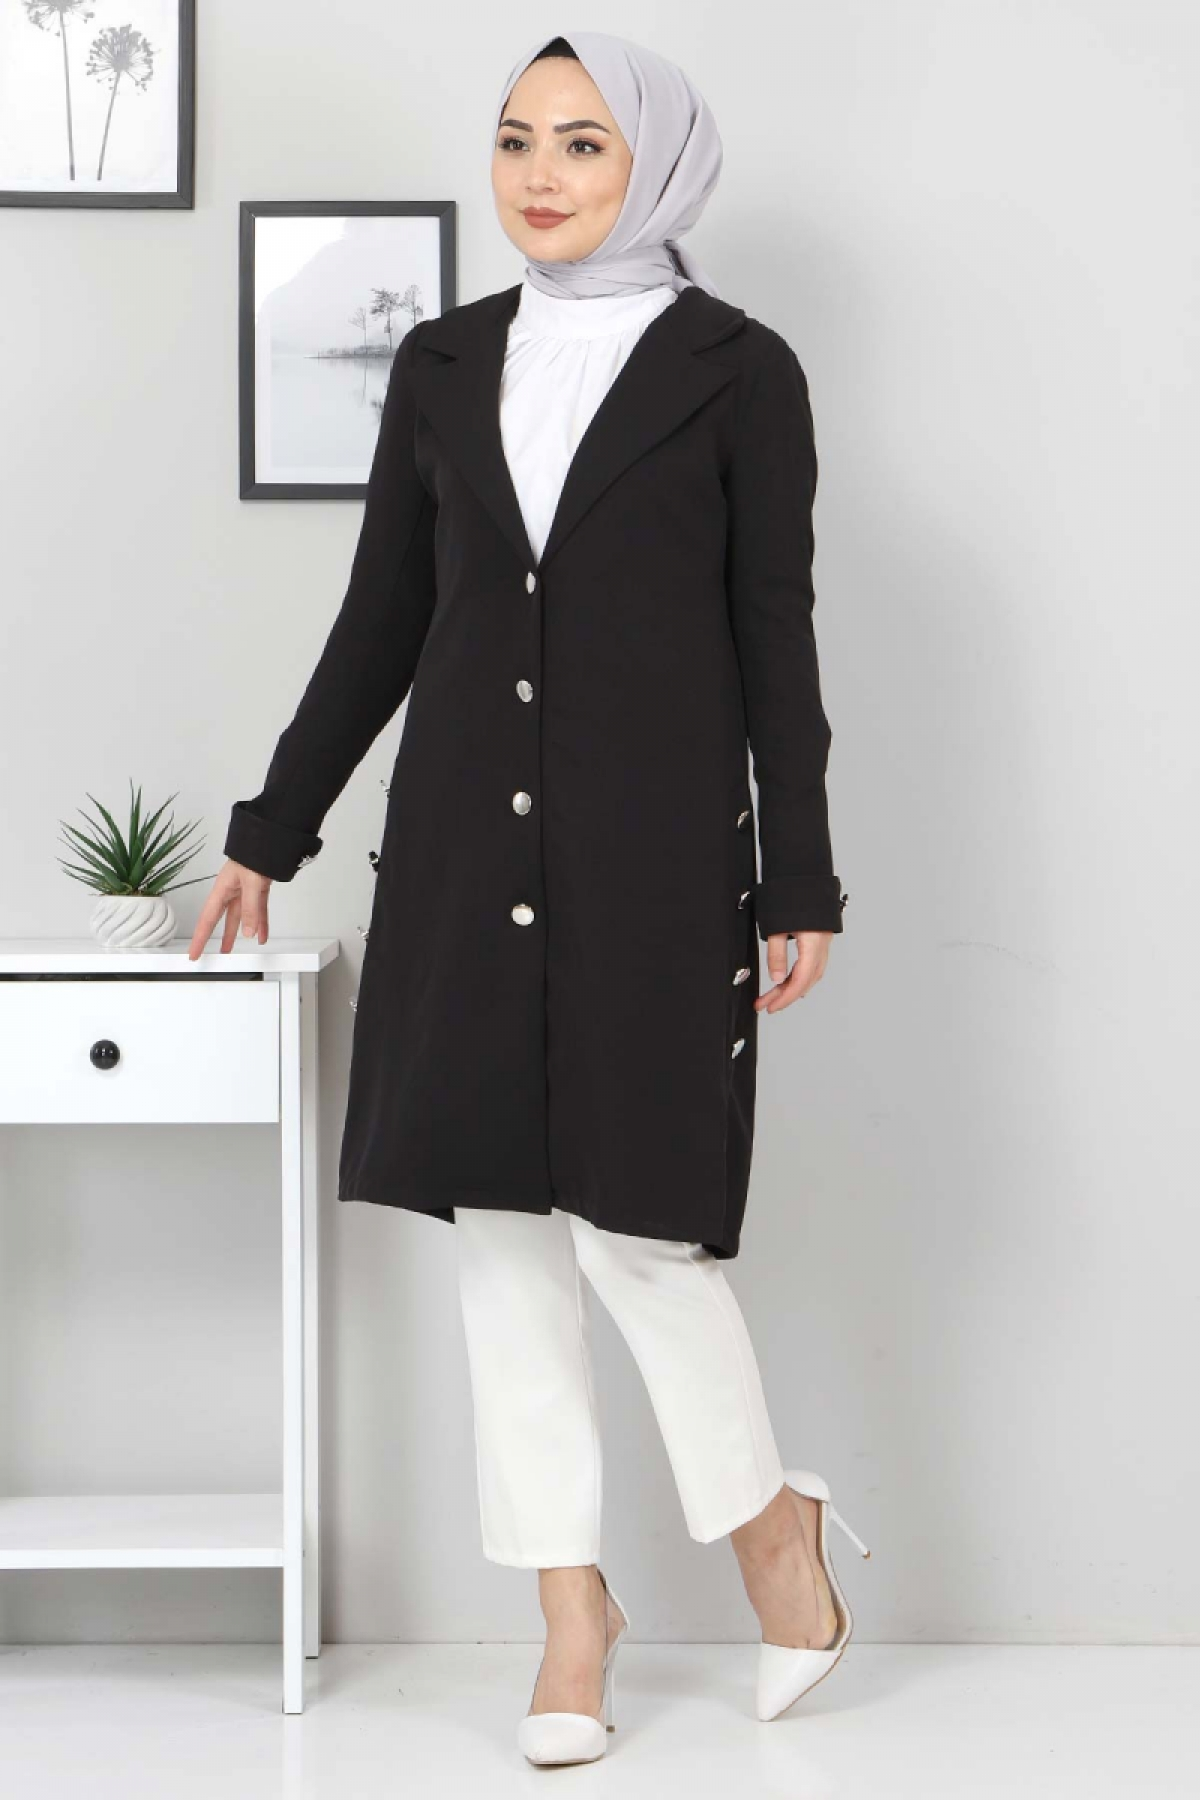 Yanları Süs Düğmeli Ceket TSD10638 Siyah